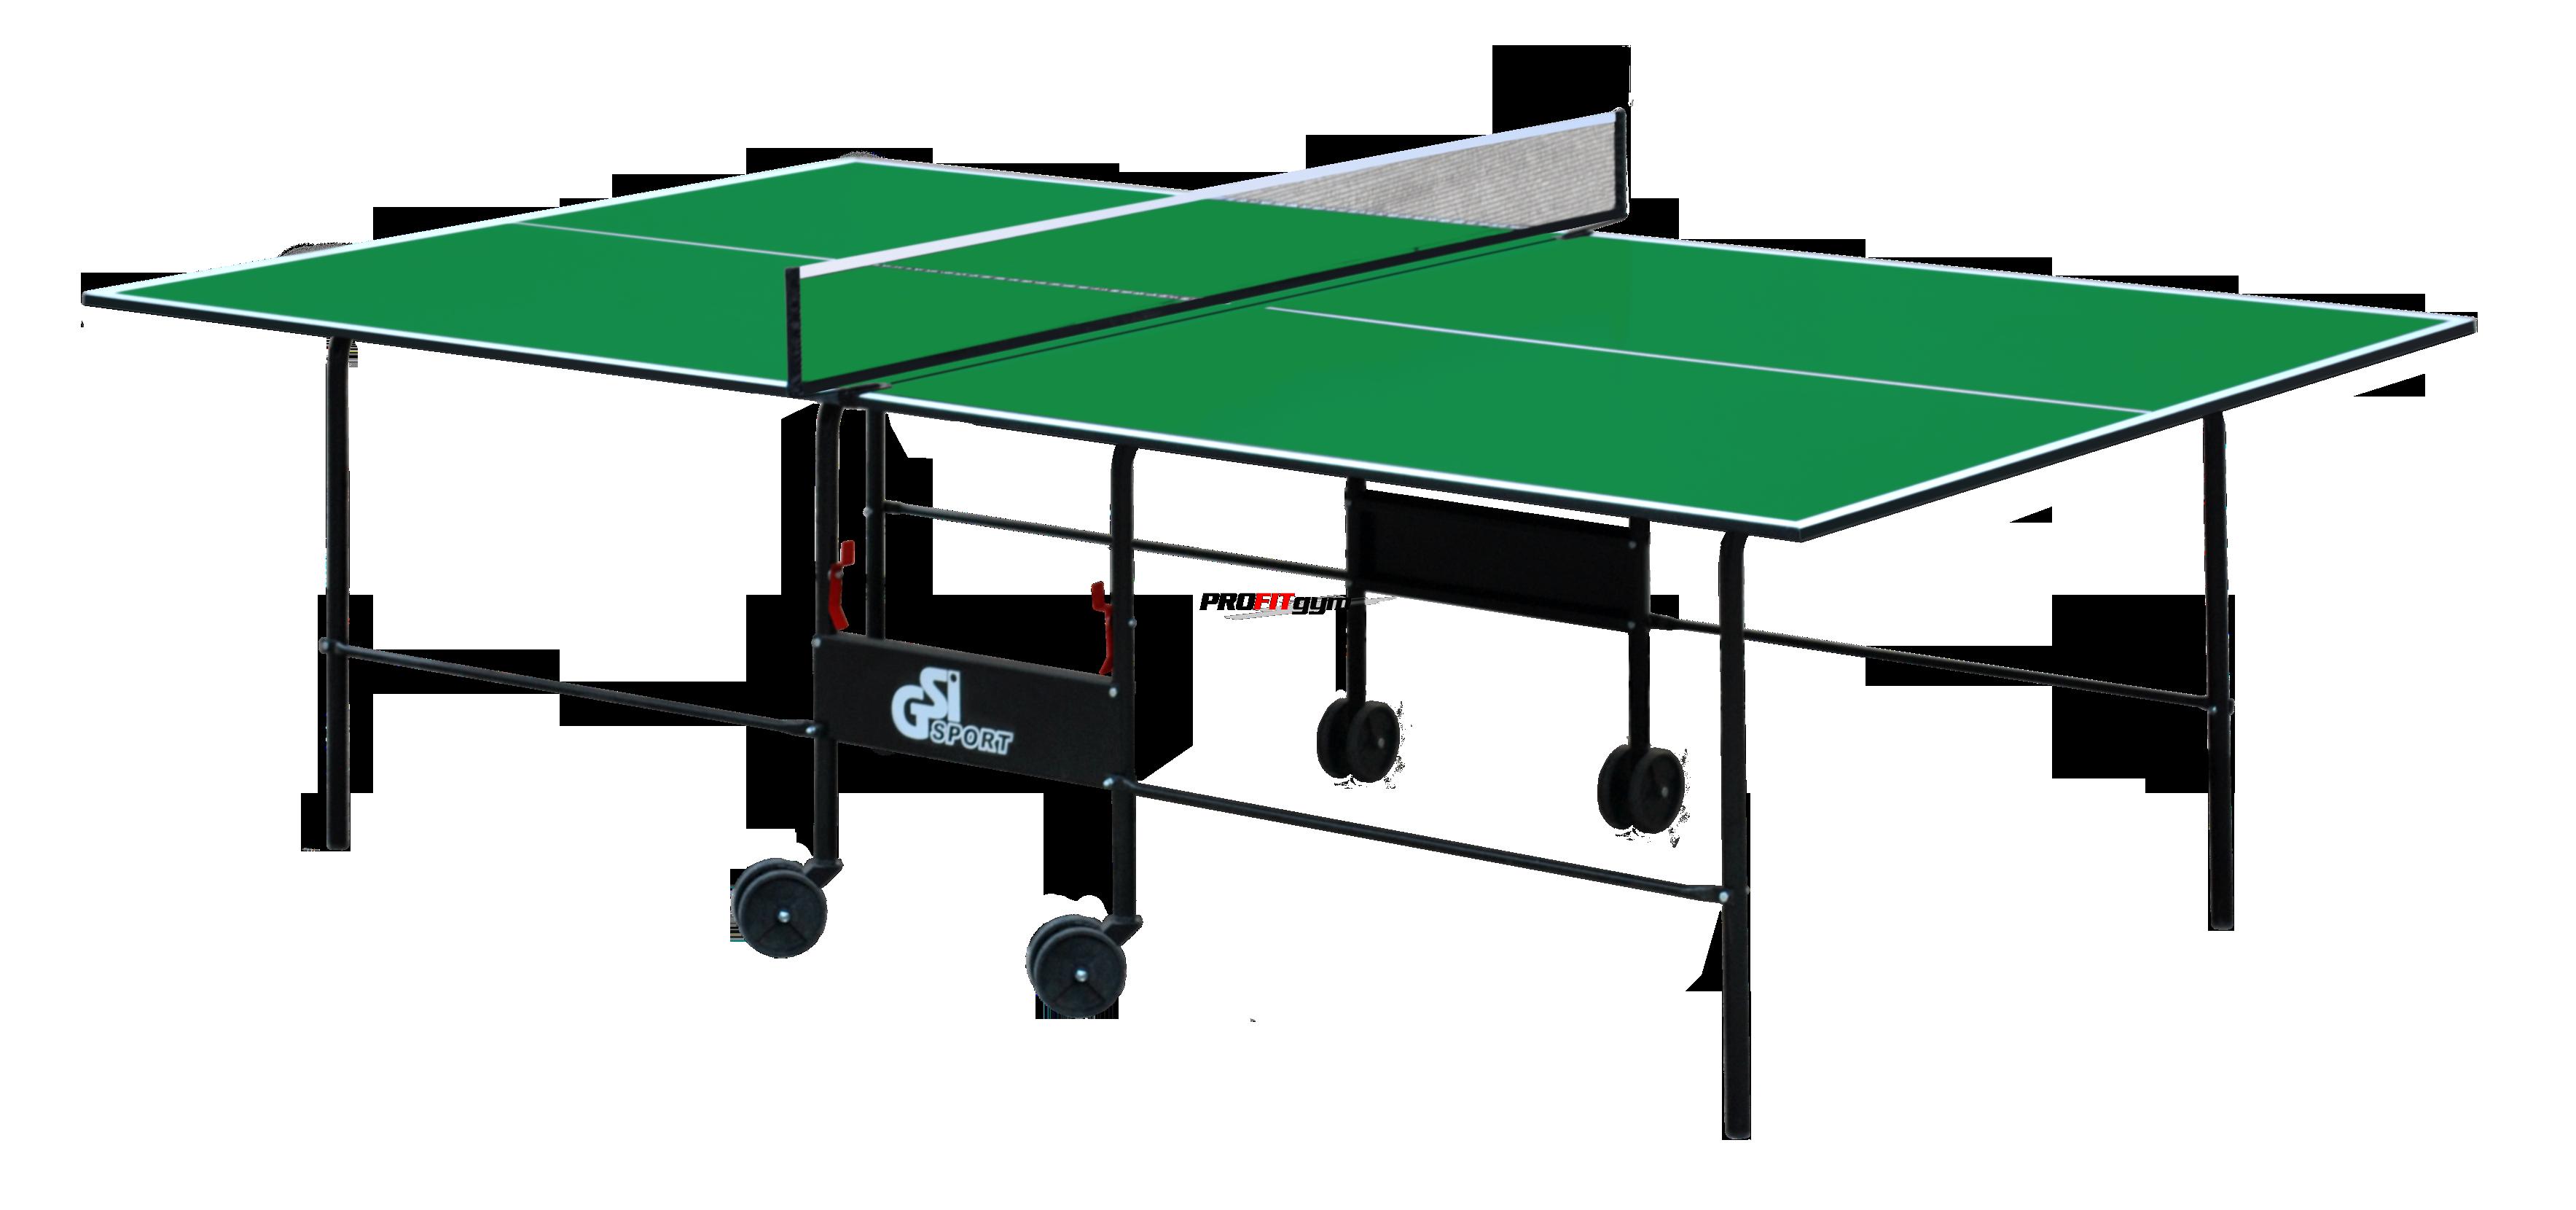 Теннисный стол для помещений Athletiс Light (зеленый) Gp-2